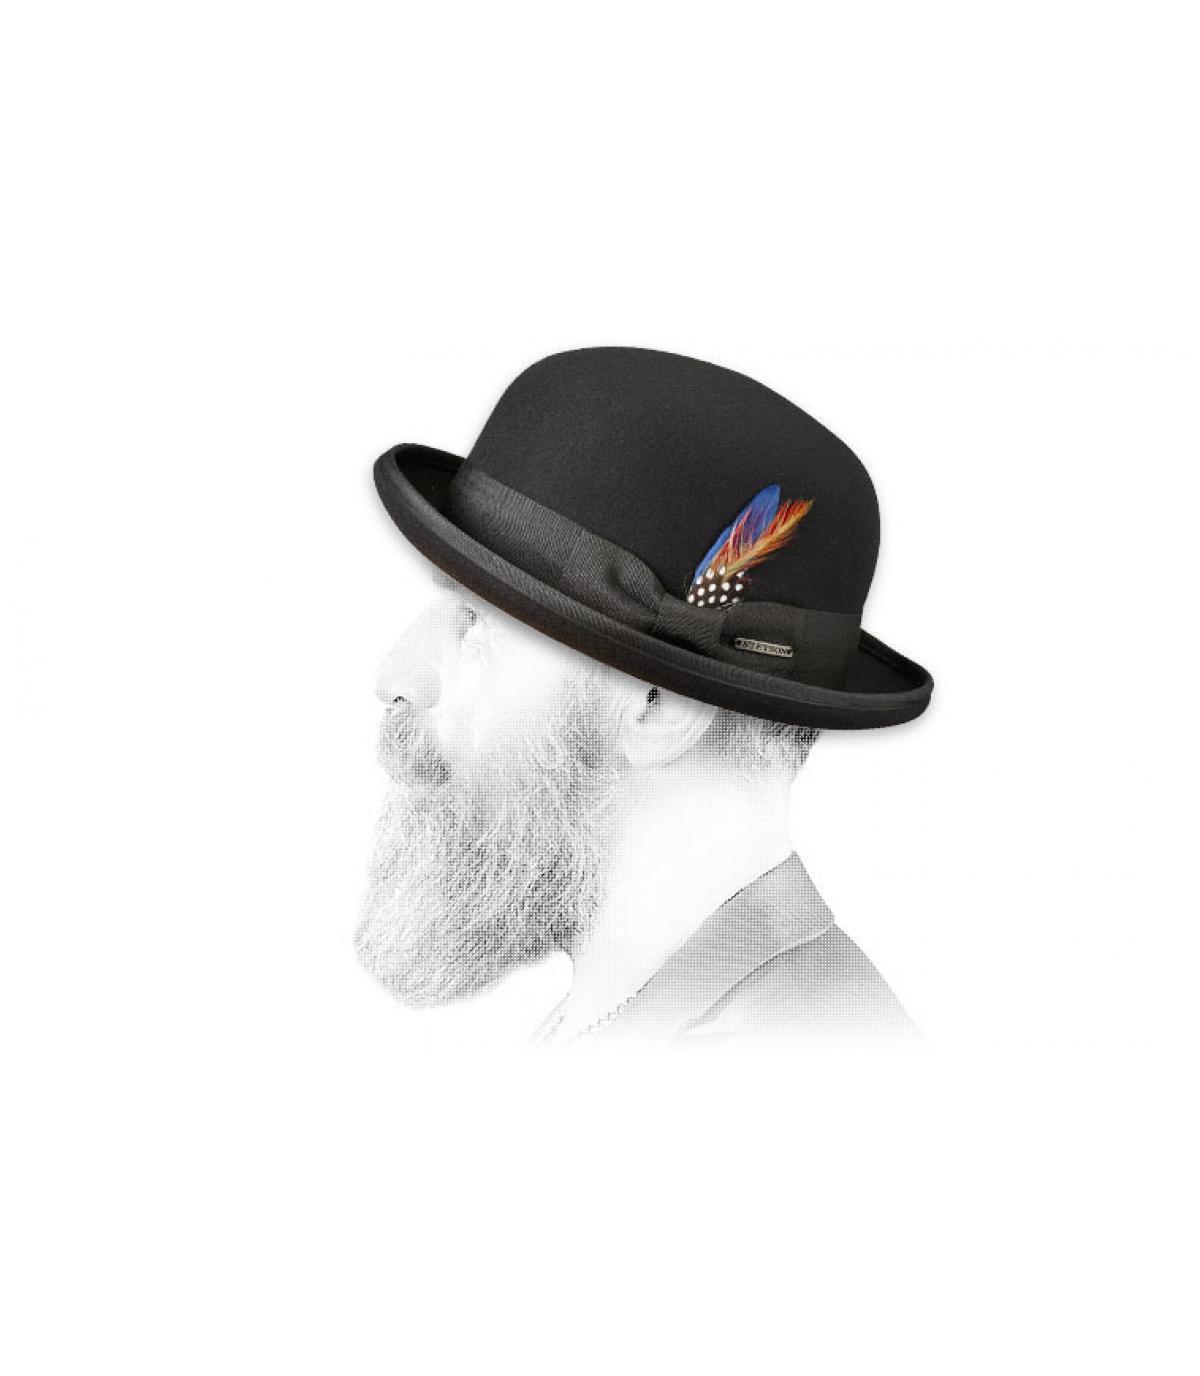 Bowler sombrero Stetson